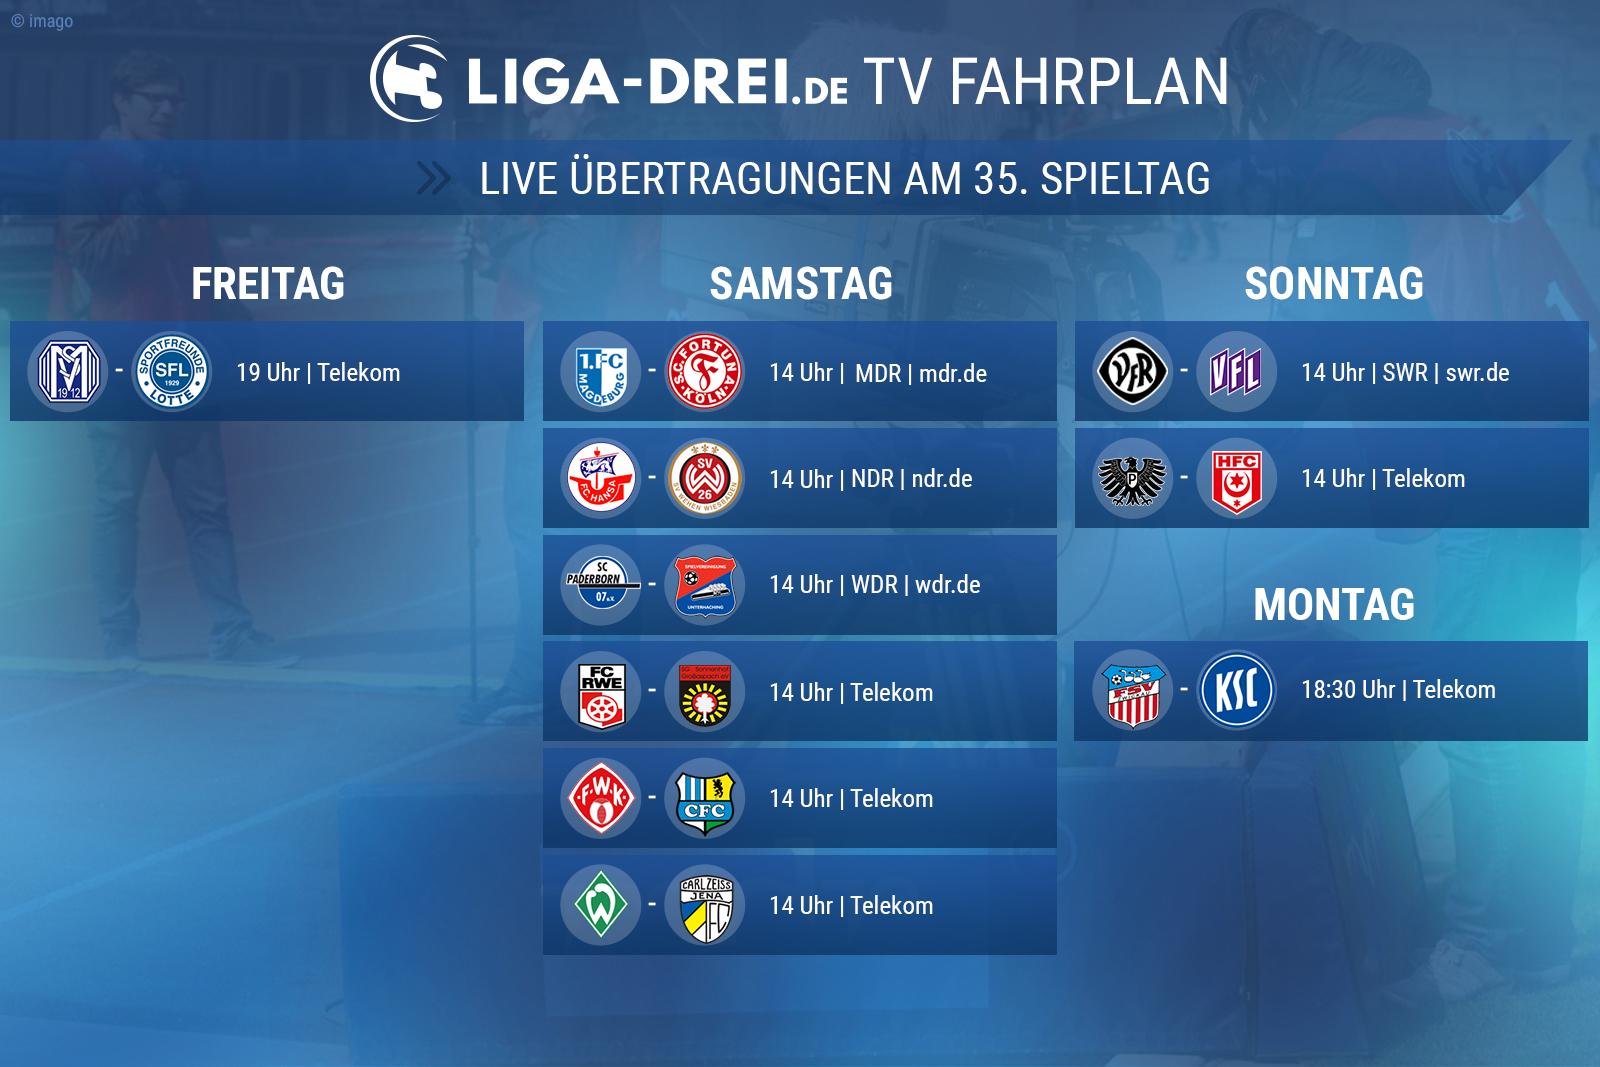 Livespiele der 3. Liga im Free-TV